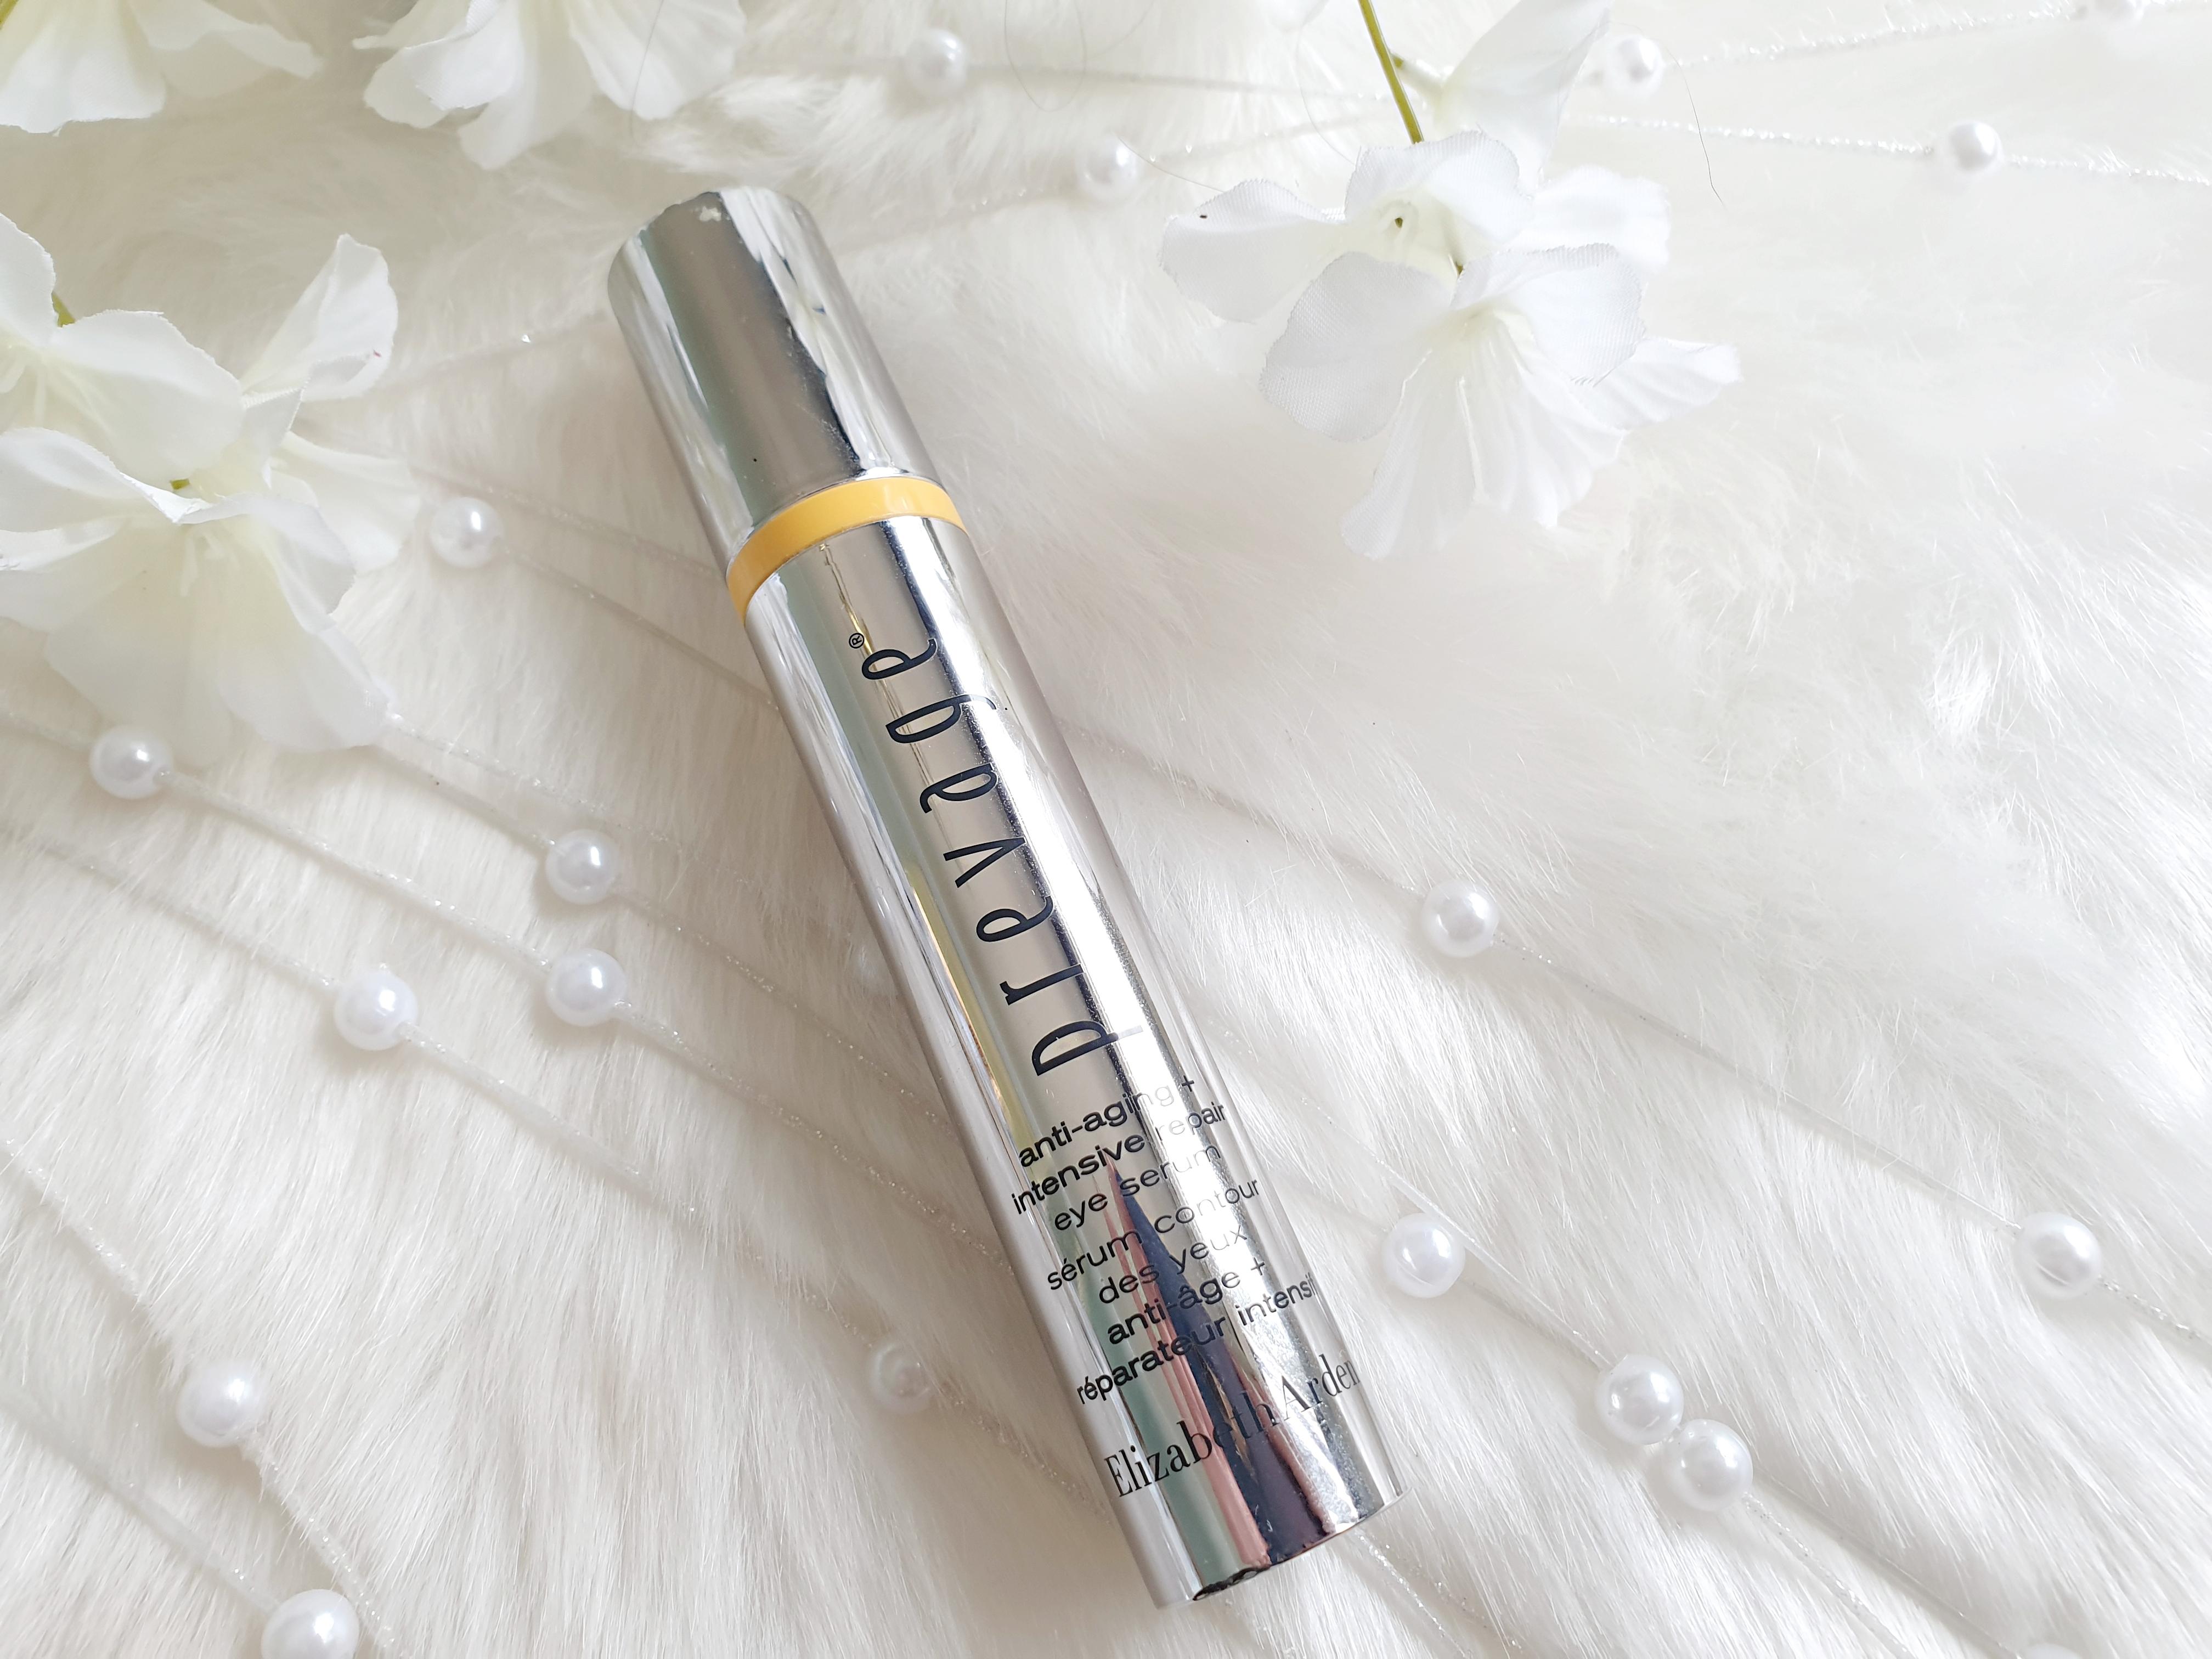 Elizabeth Arden Prevage Anti Aging Intense Repair Eye Serum Adryana S Beauty Blog